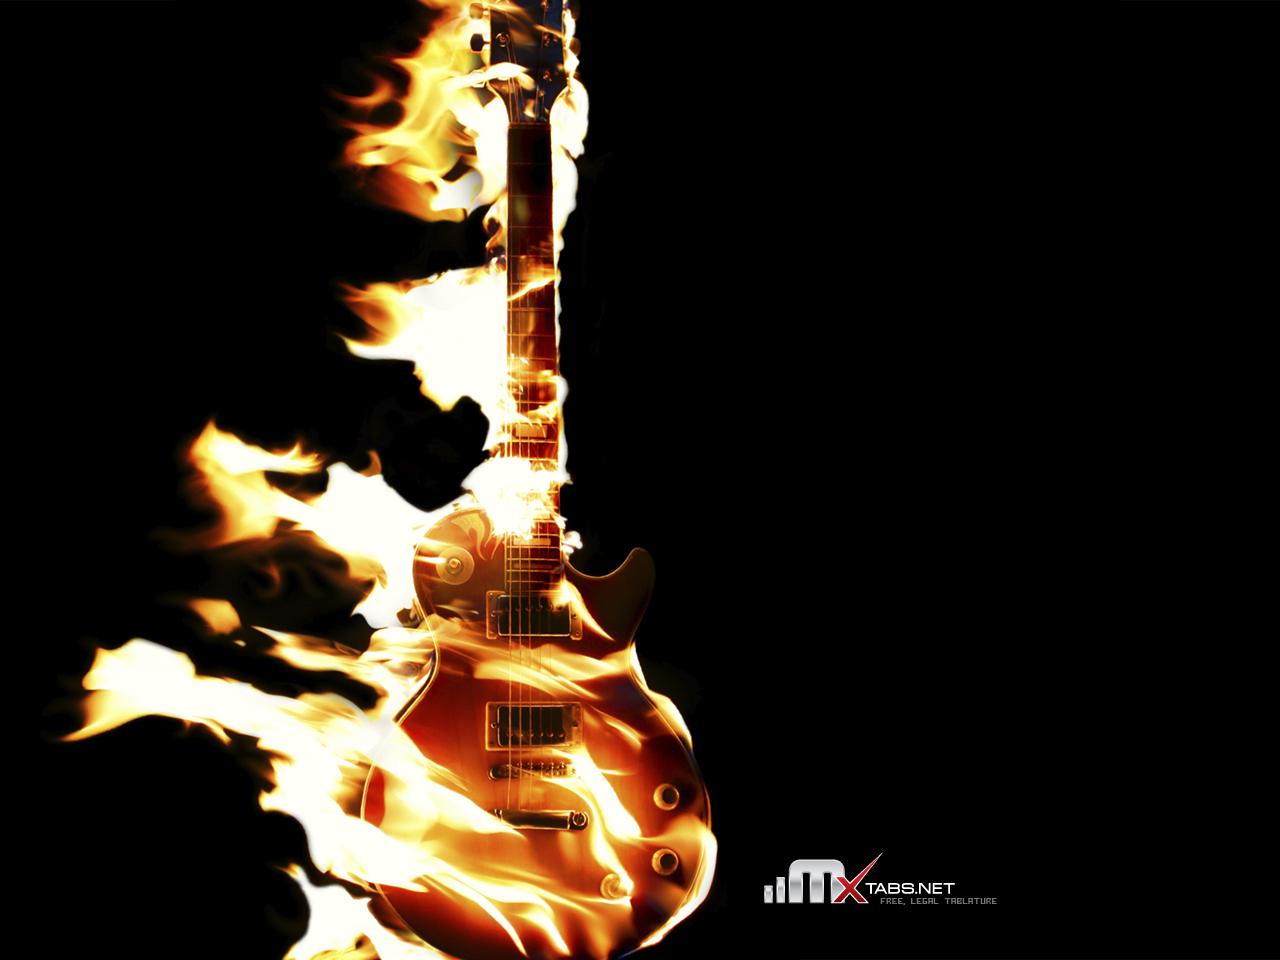 http://2.bp.blogspot.com/_ExFxhywYHoI/S75GqDCR6bI/AAAAAAAAB2A/yMp6aqDkic8/s1600/guitar-on-fire_vert_1280x960.jpg